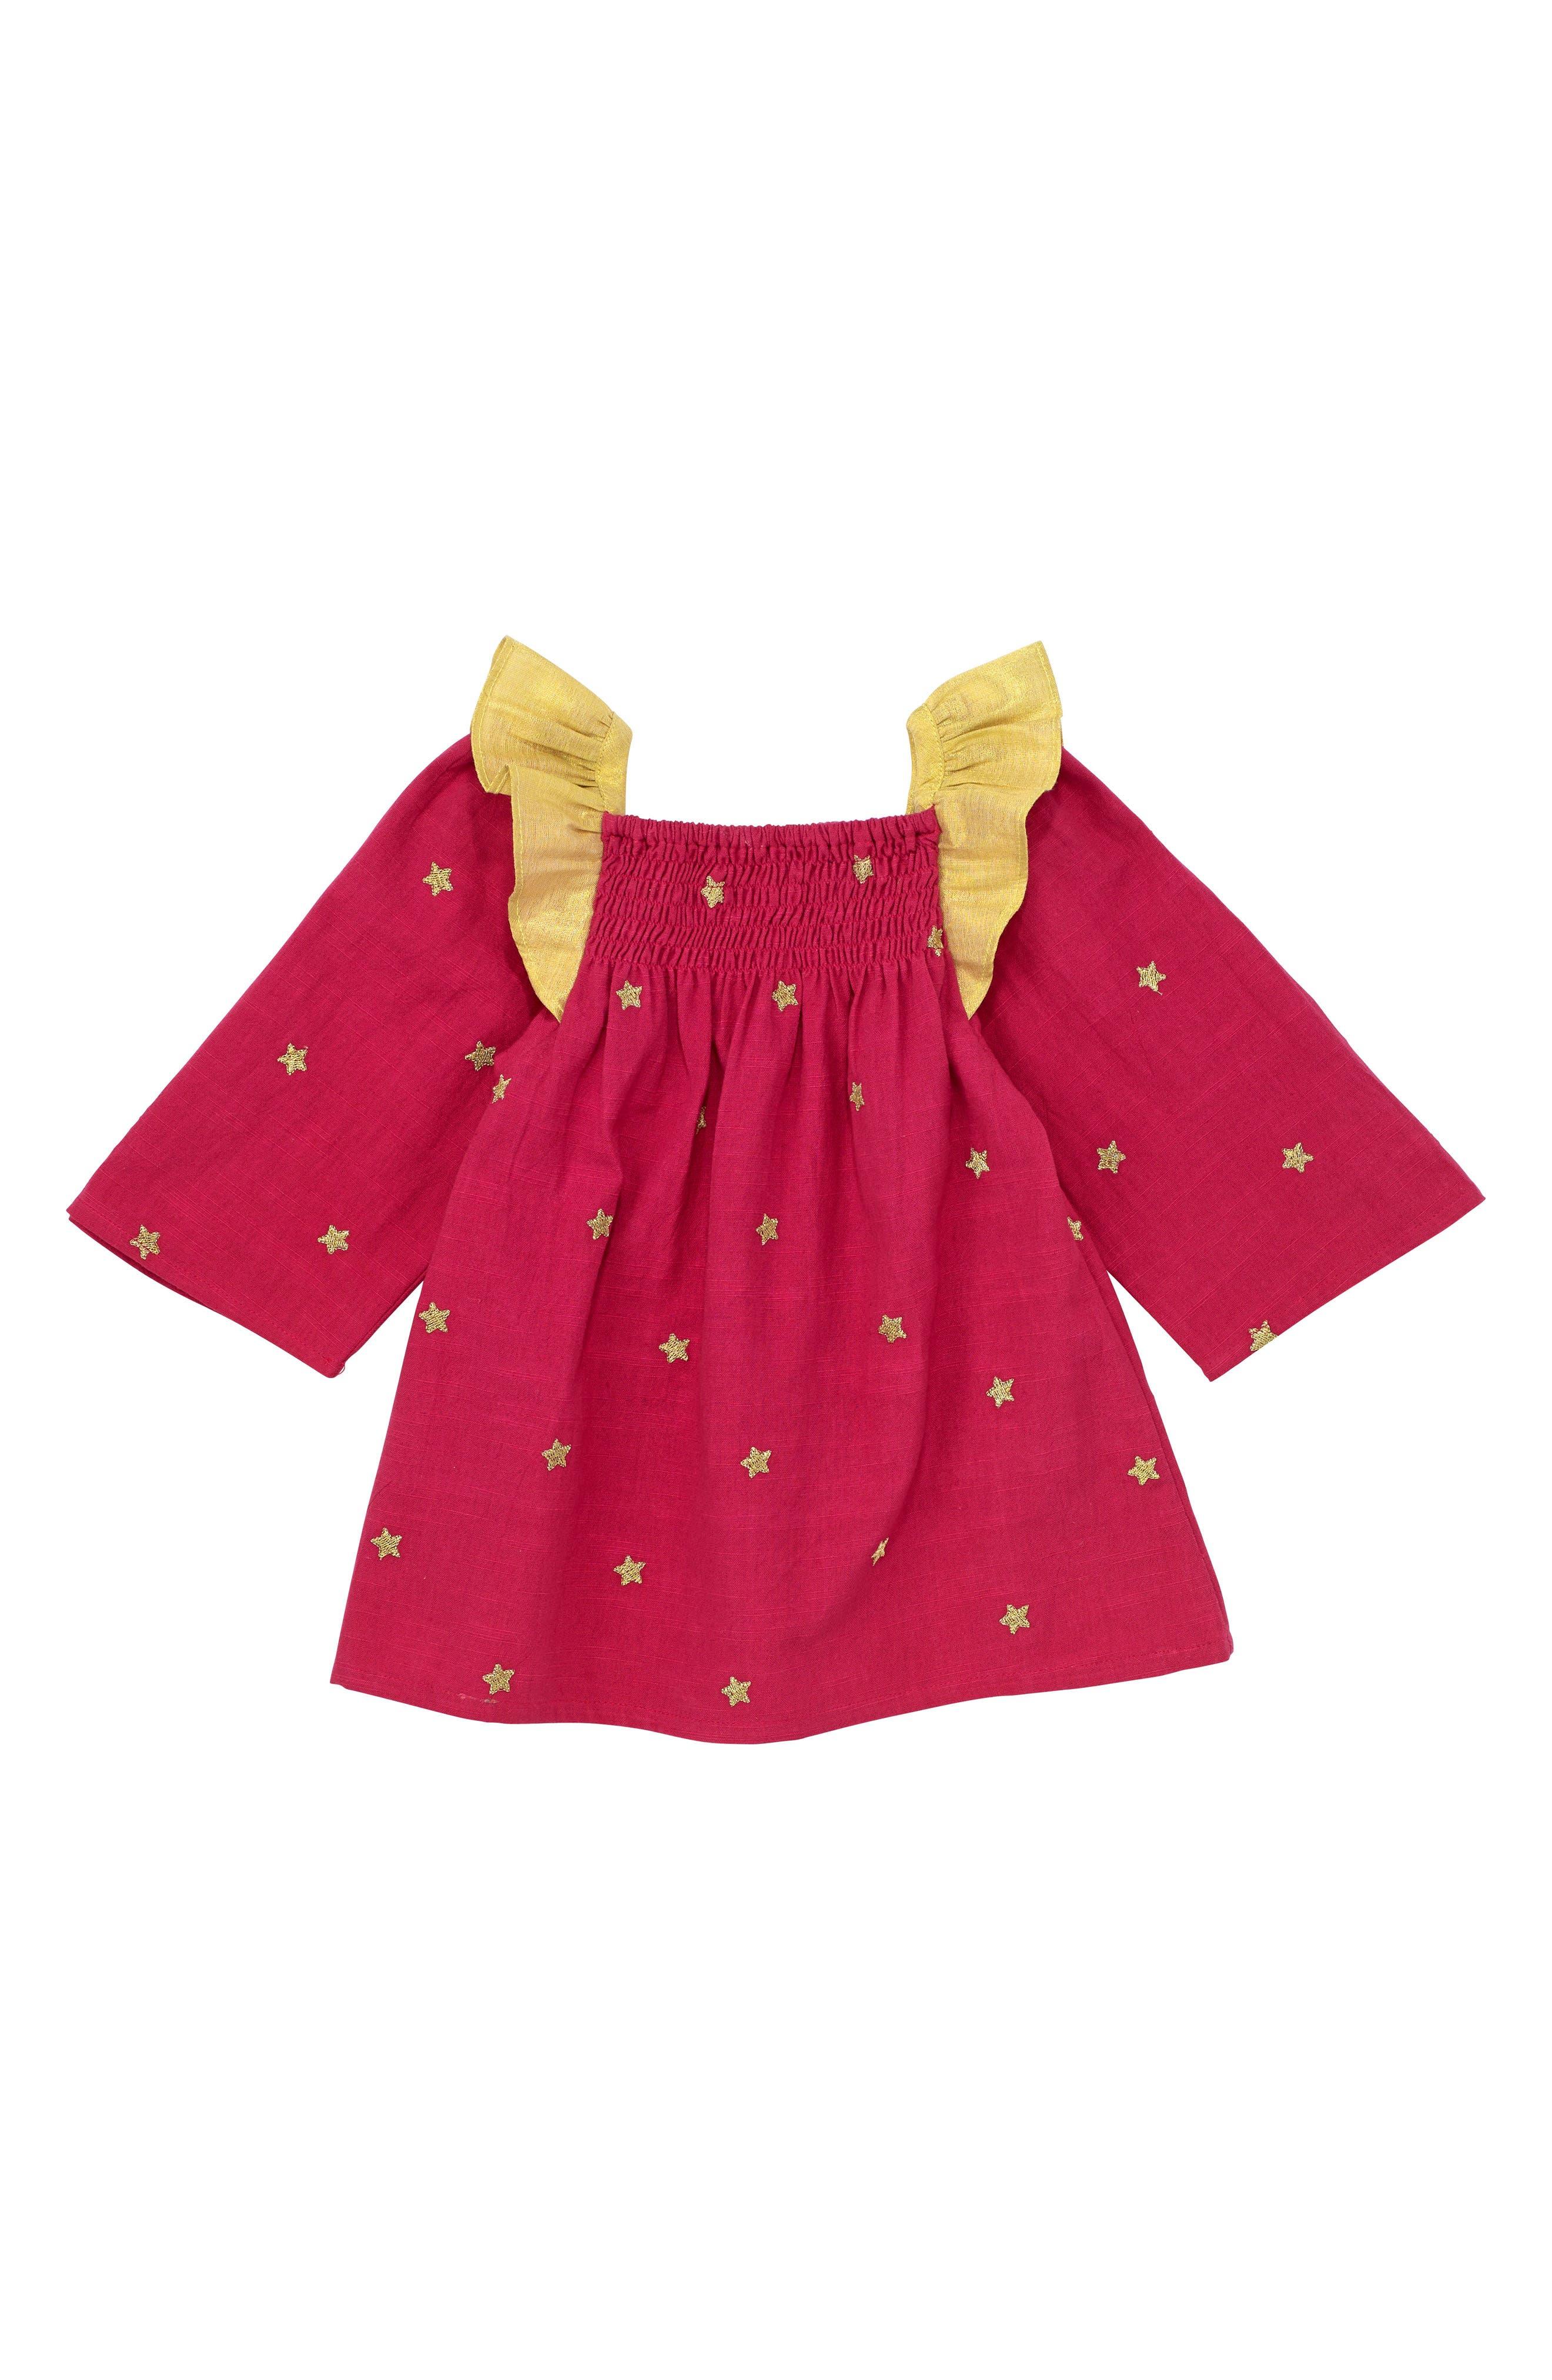 Main Image - Masalababy Galaxy Dress (Baby Girls)